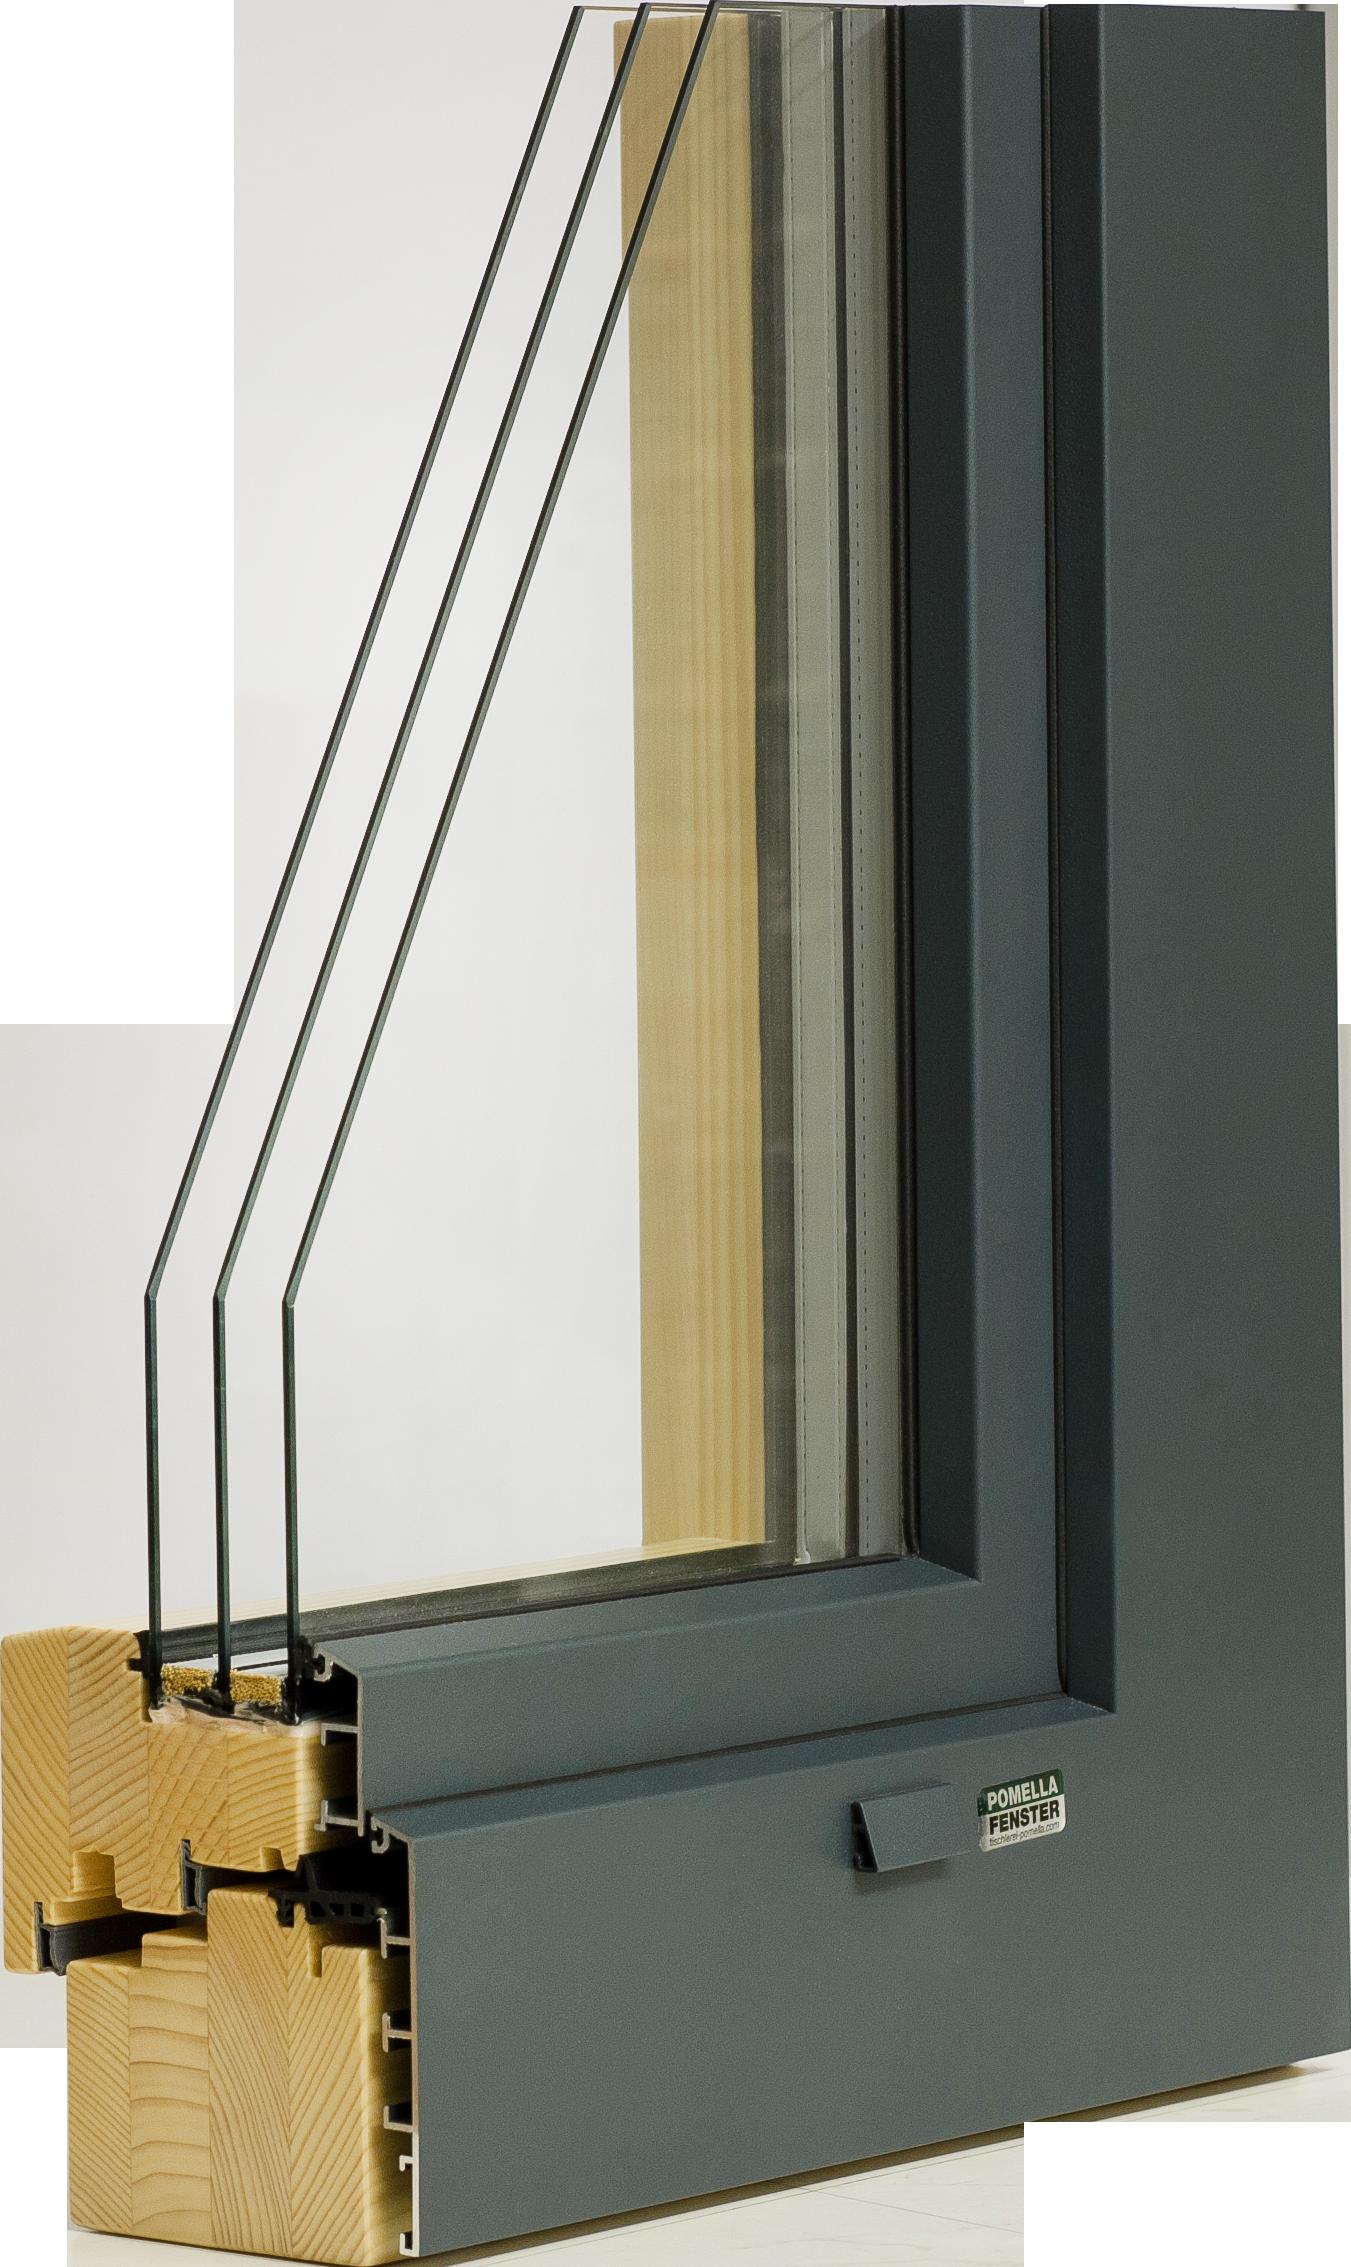 Full Size of Fenster Holz Alu Mit 3 Fach Verglasung Pomella Bernhard Drutex Absturzsicherung Trocal Auf Maß Sonnenschutzfolie Innen Rollos Folie Für Aluplast Holzregal Fenster Fenster Holz Alu